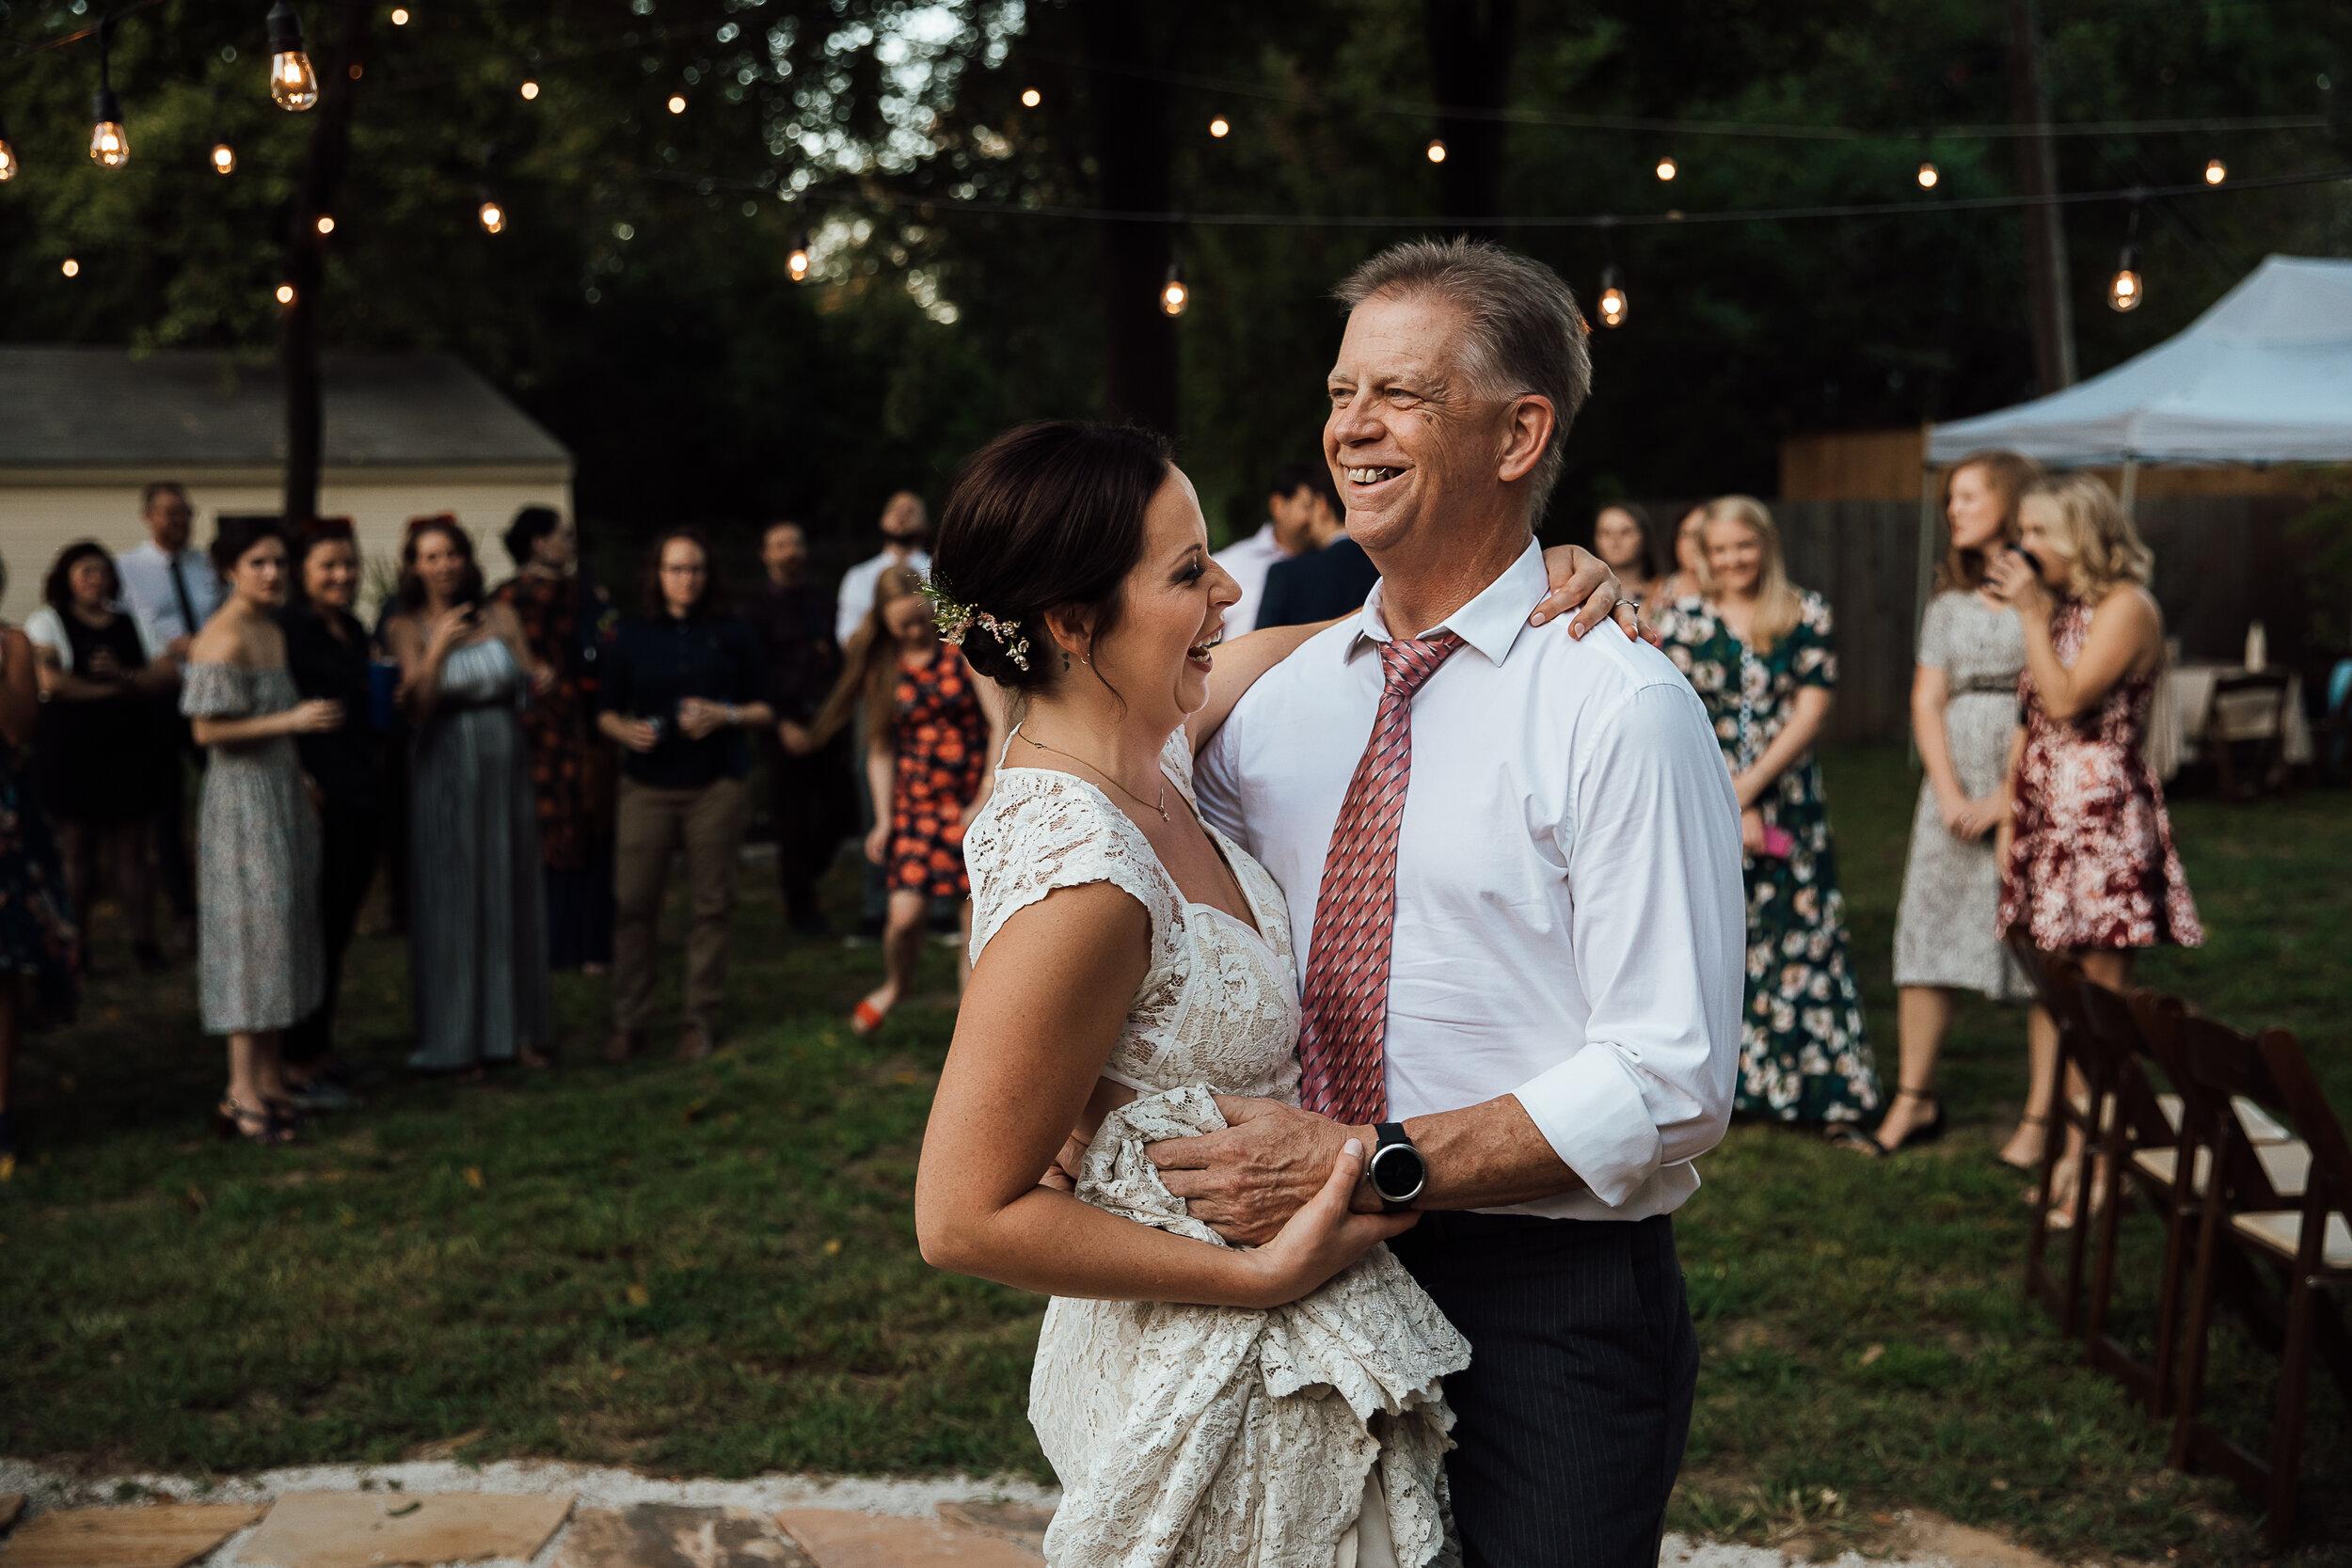 Allison-and-Wesley-Memphis-Backyard-Wedding-TheWarmthAroundYou-175.jpg